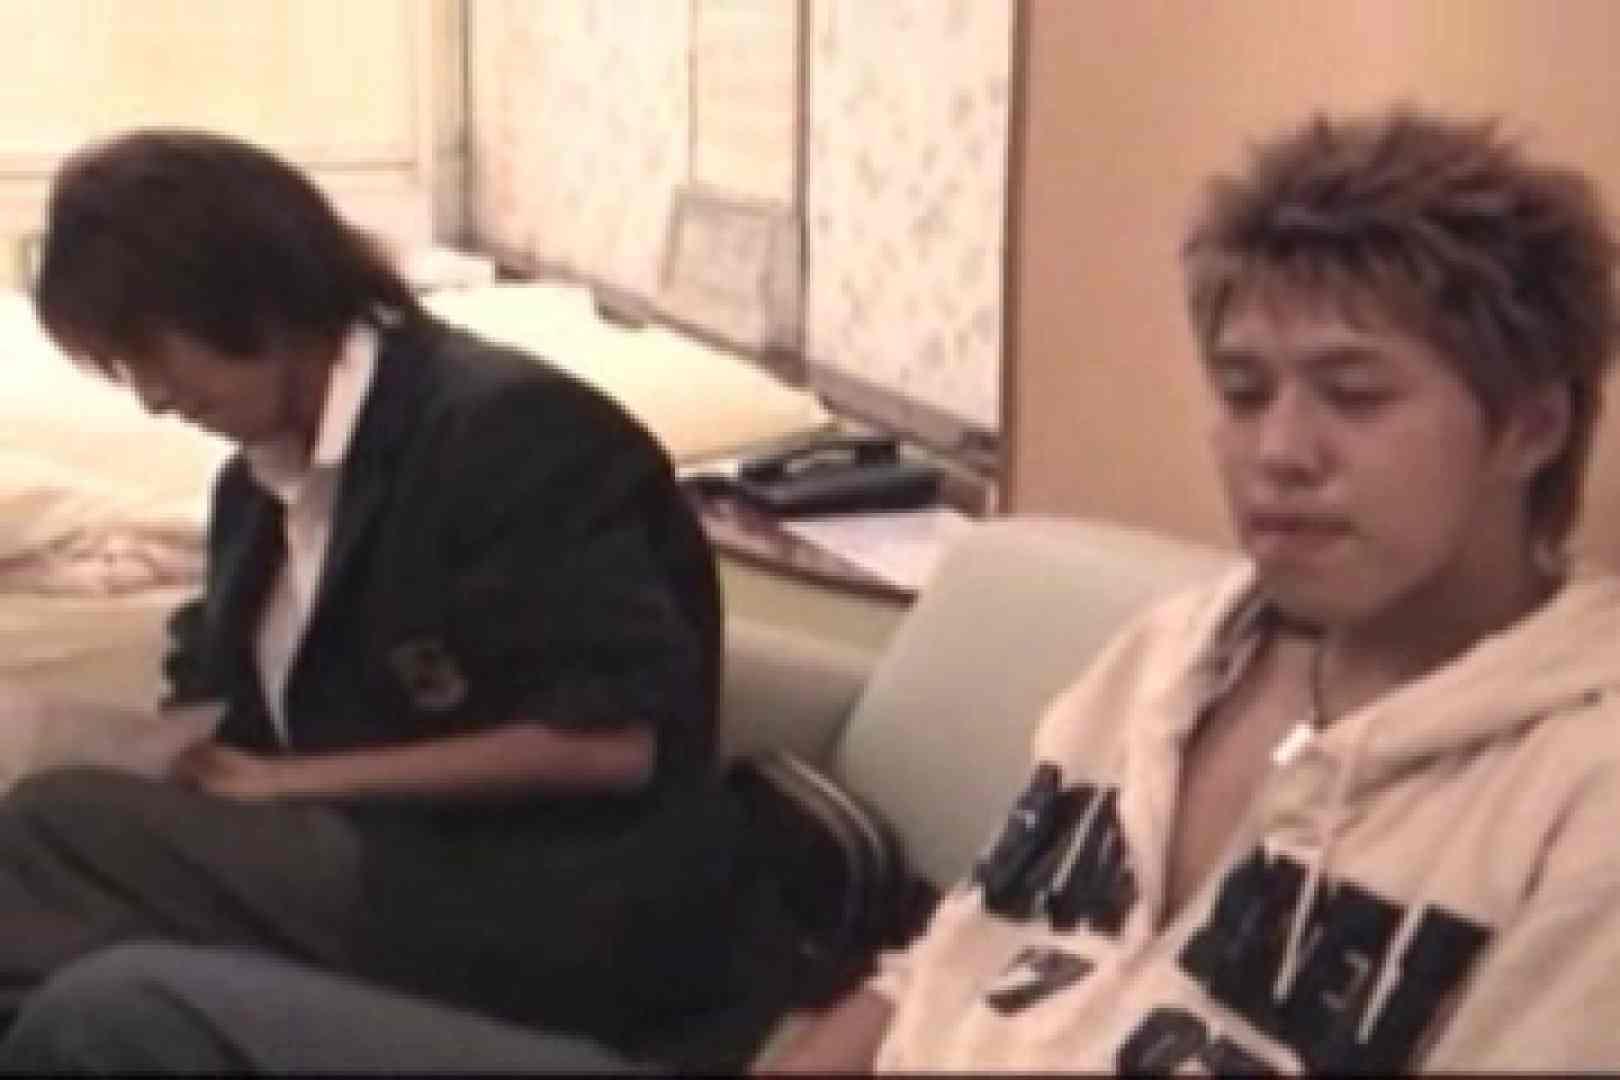 【流出】ジャニ系イケメン!!フライング&アナルが痛くて出来ません!! 入浴・シャワー覗き | フェラ最高 ゲイAV画像 9連発 6